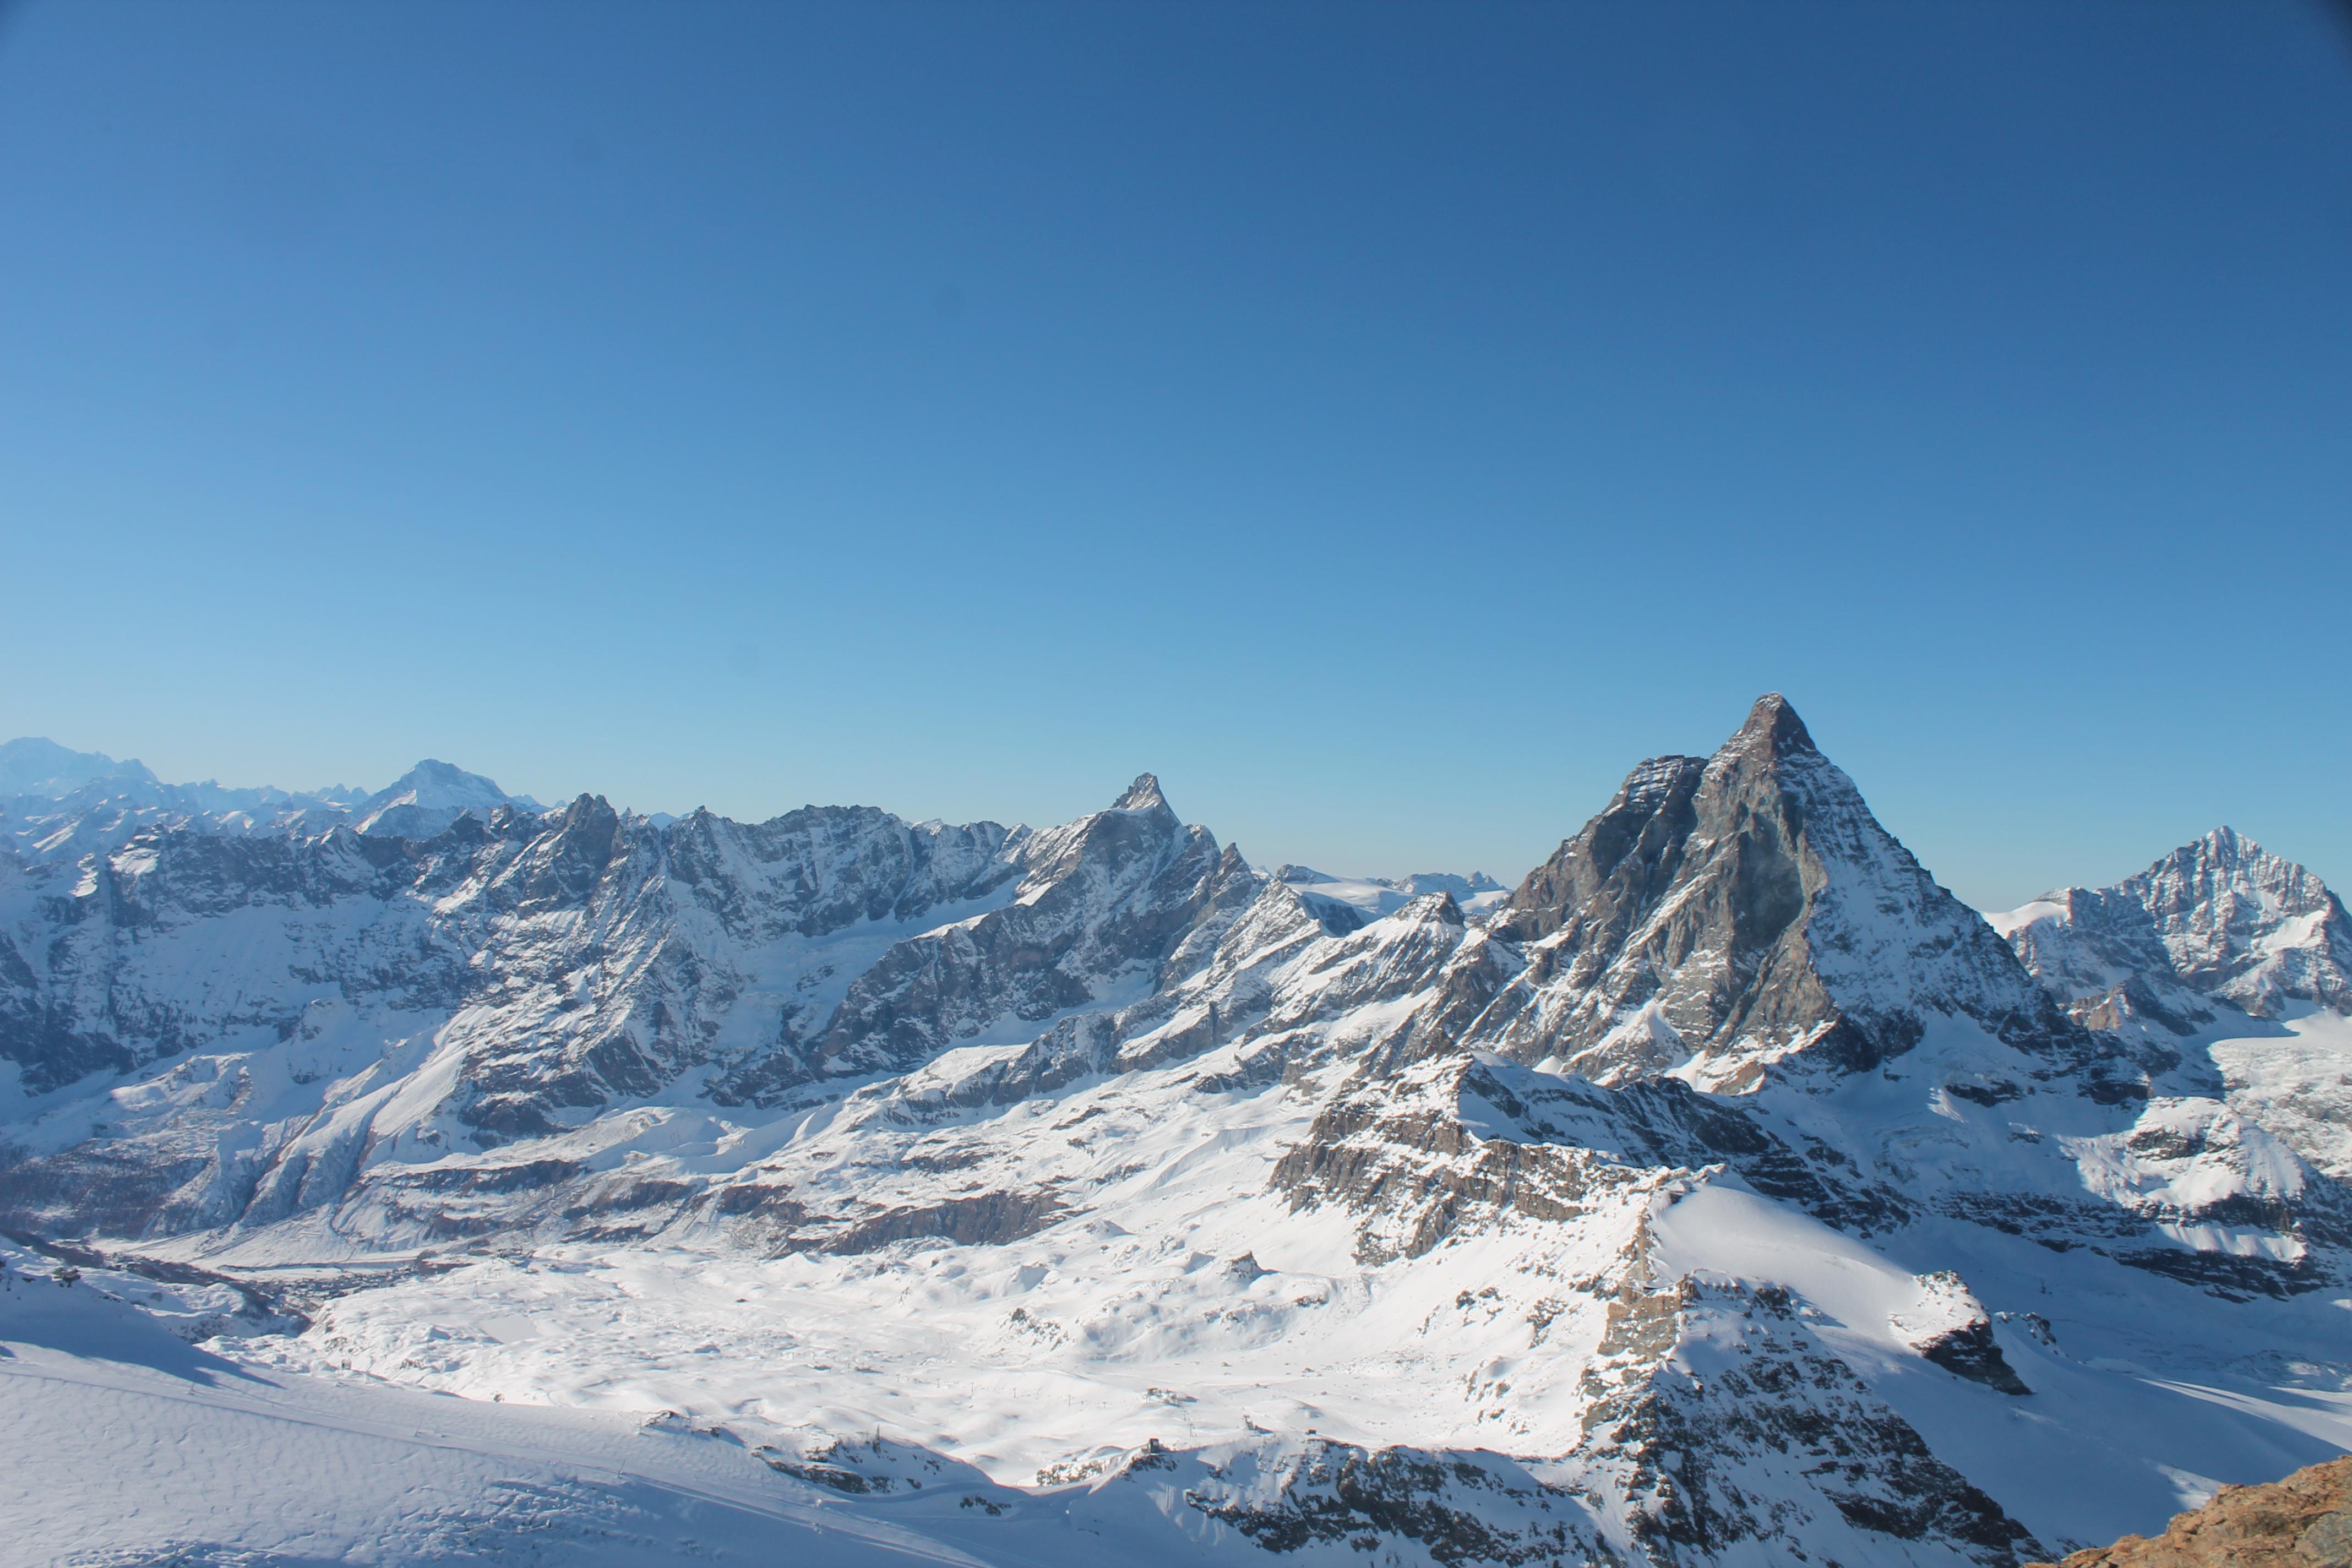 Vista del Matterhorn desde Klein Matterhorn